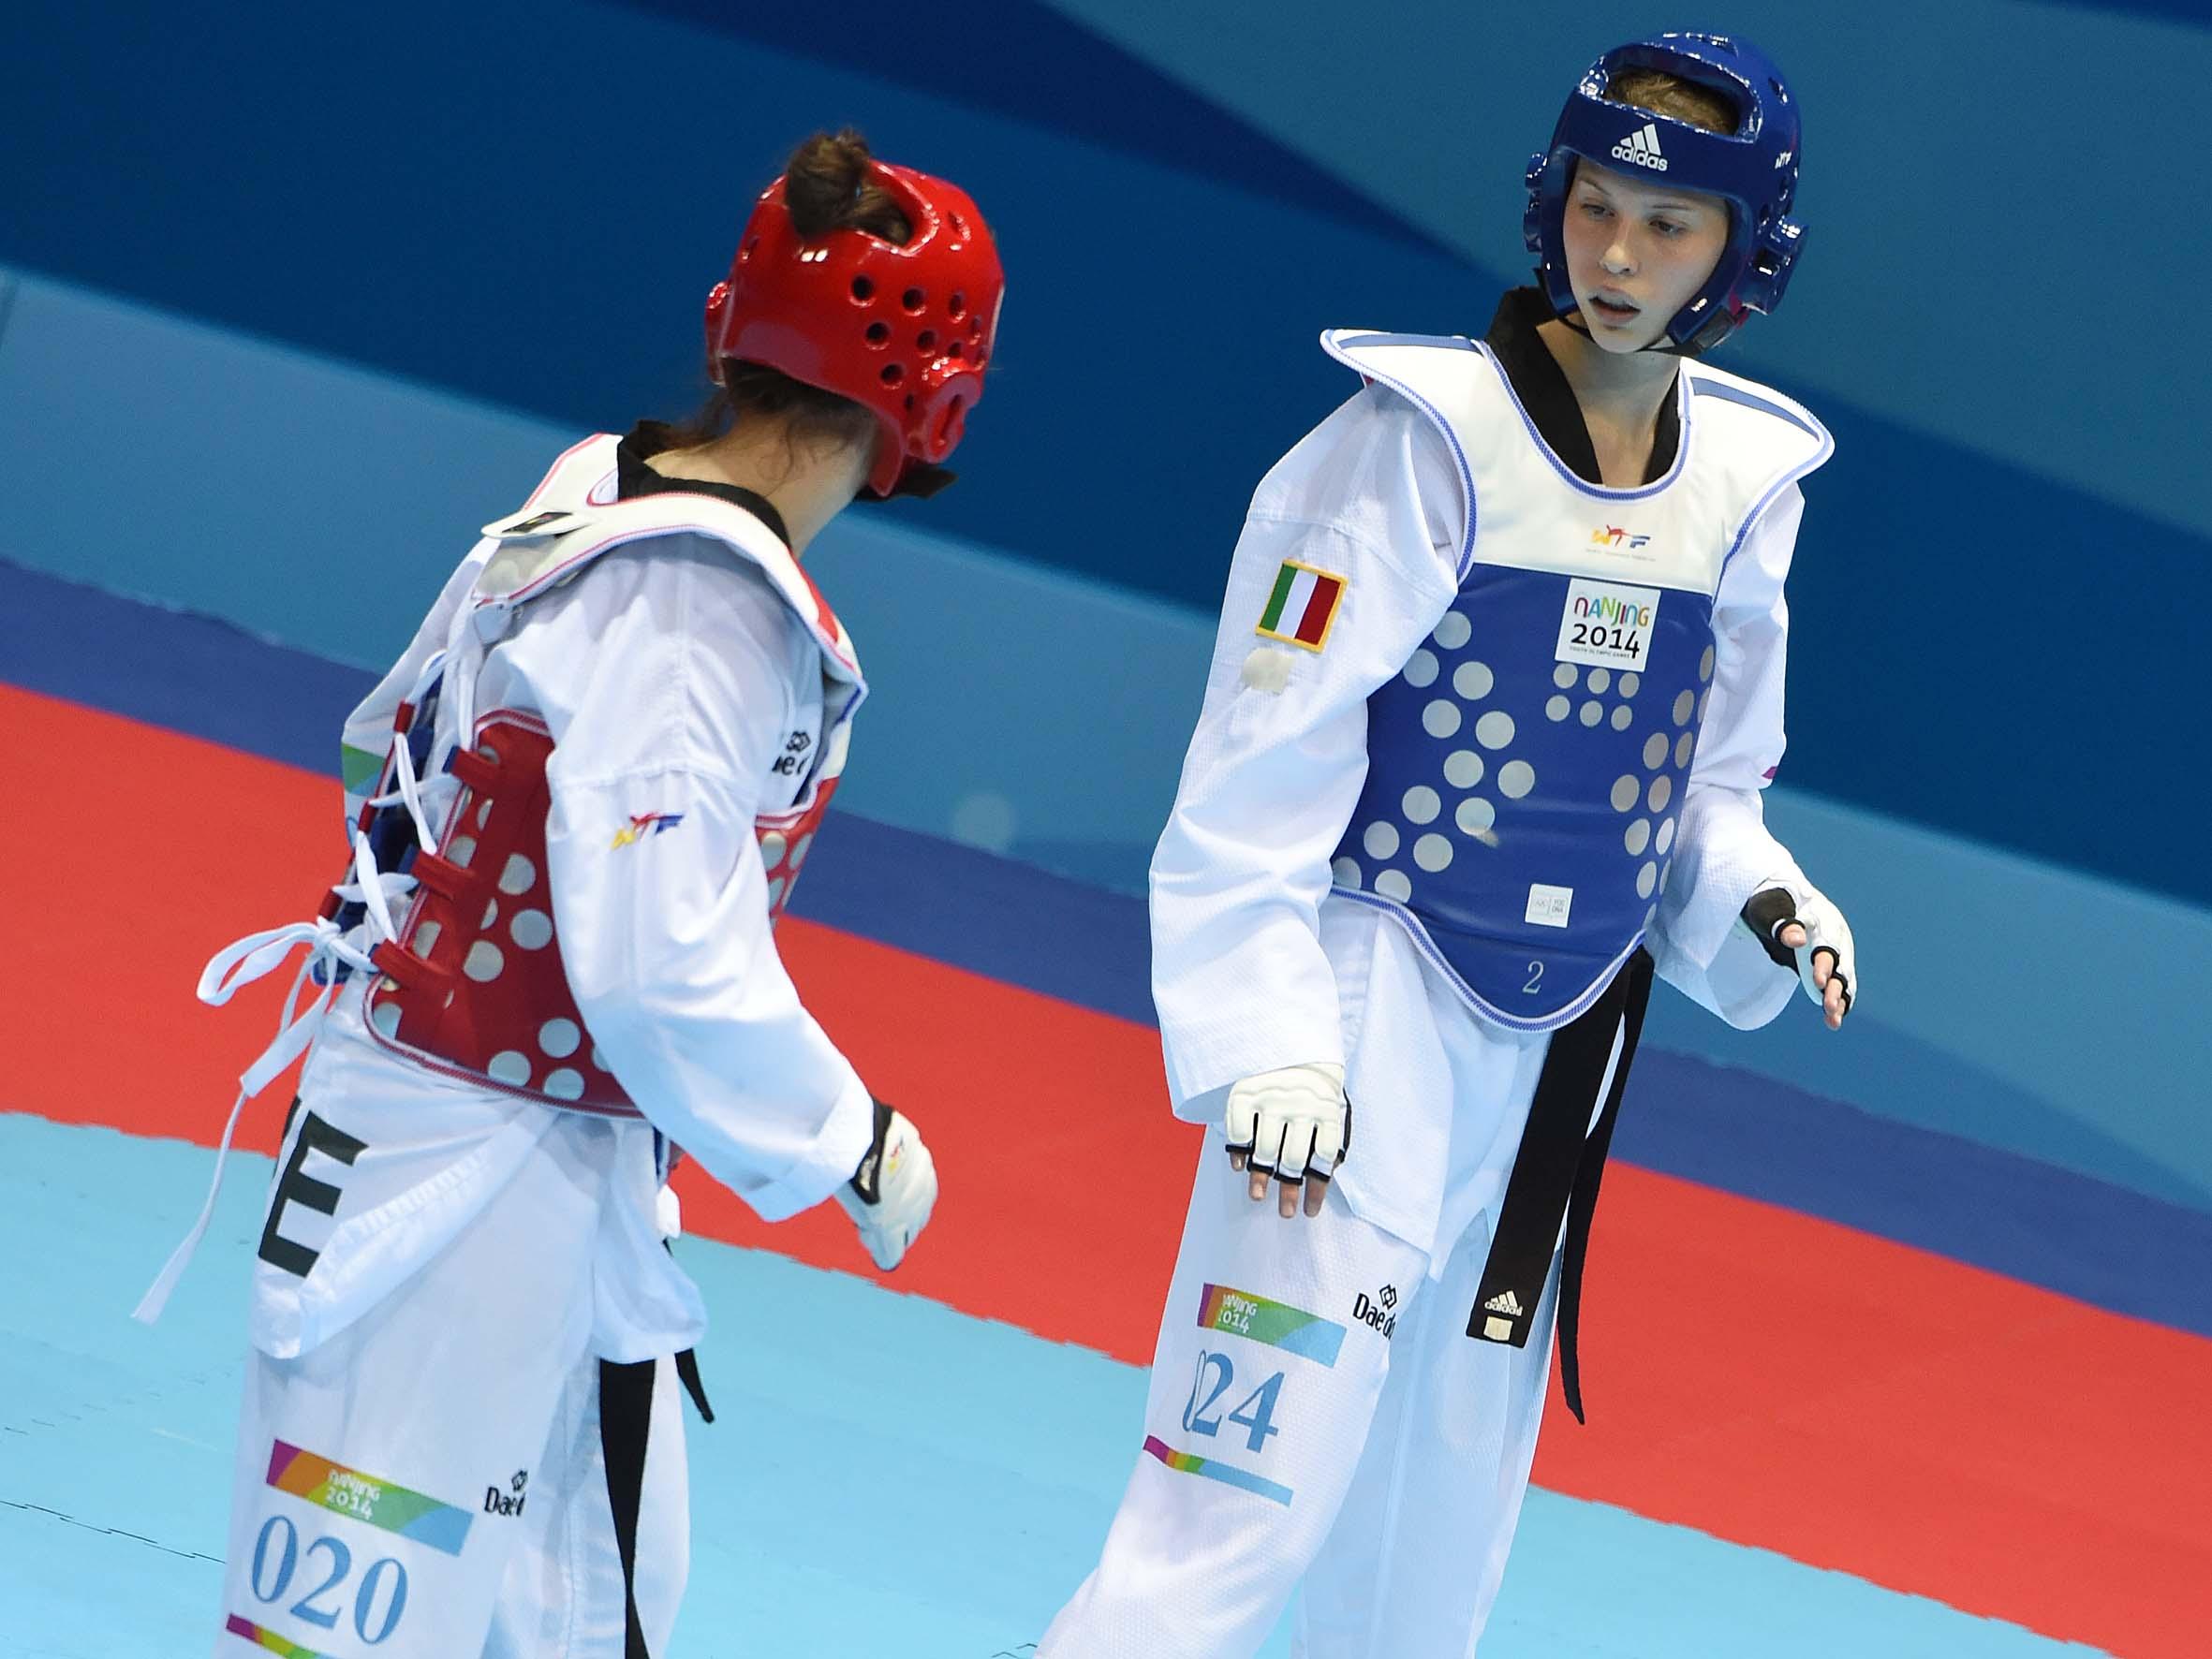 Taekwondo-55 Kg Donne 02